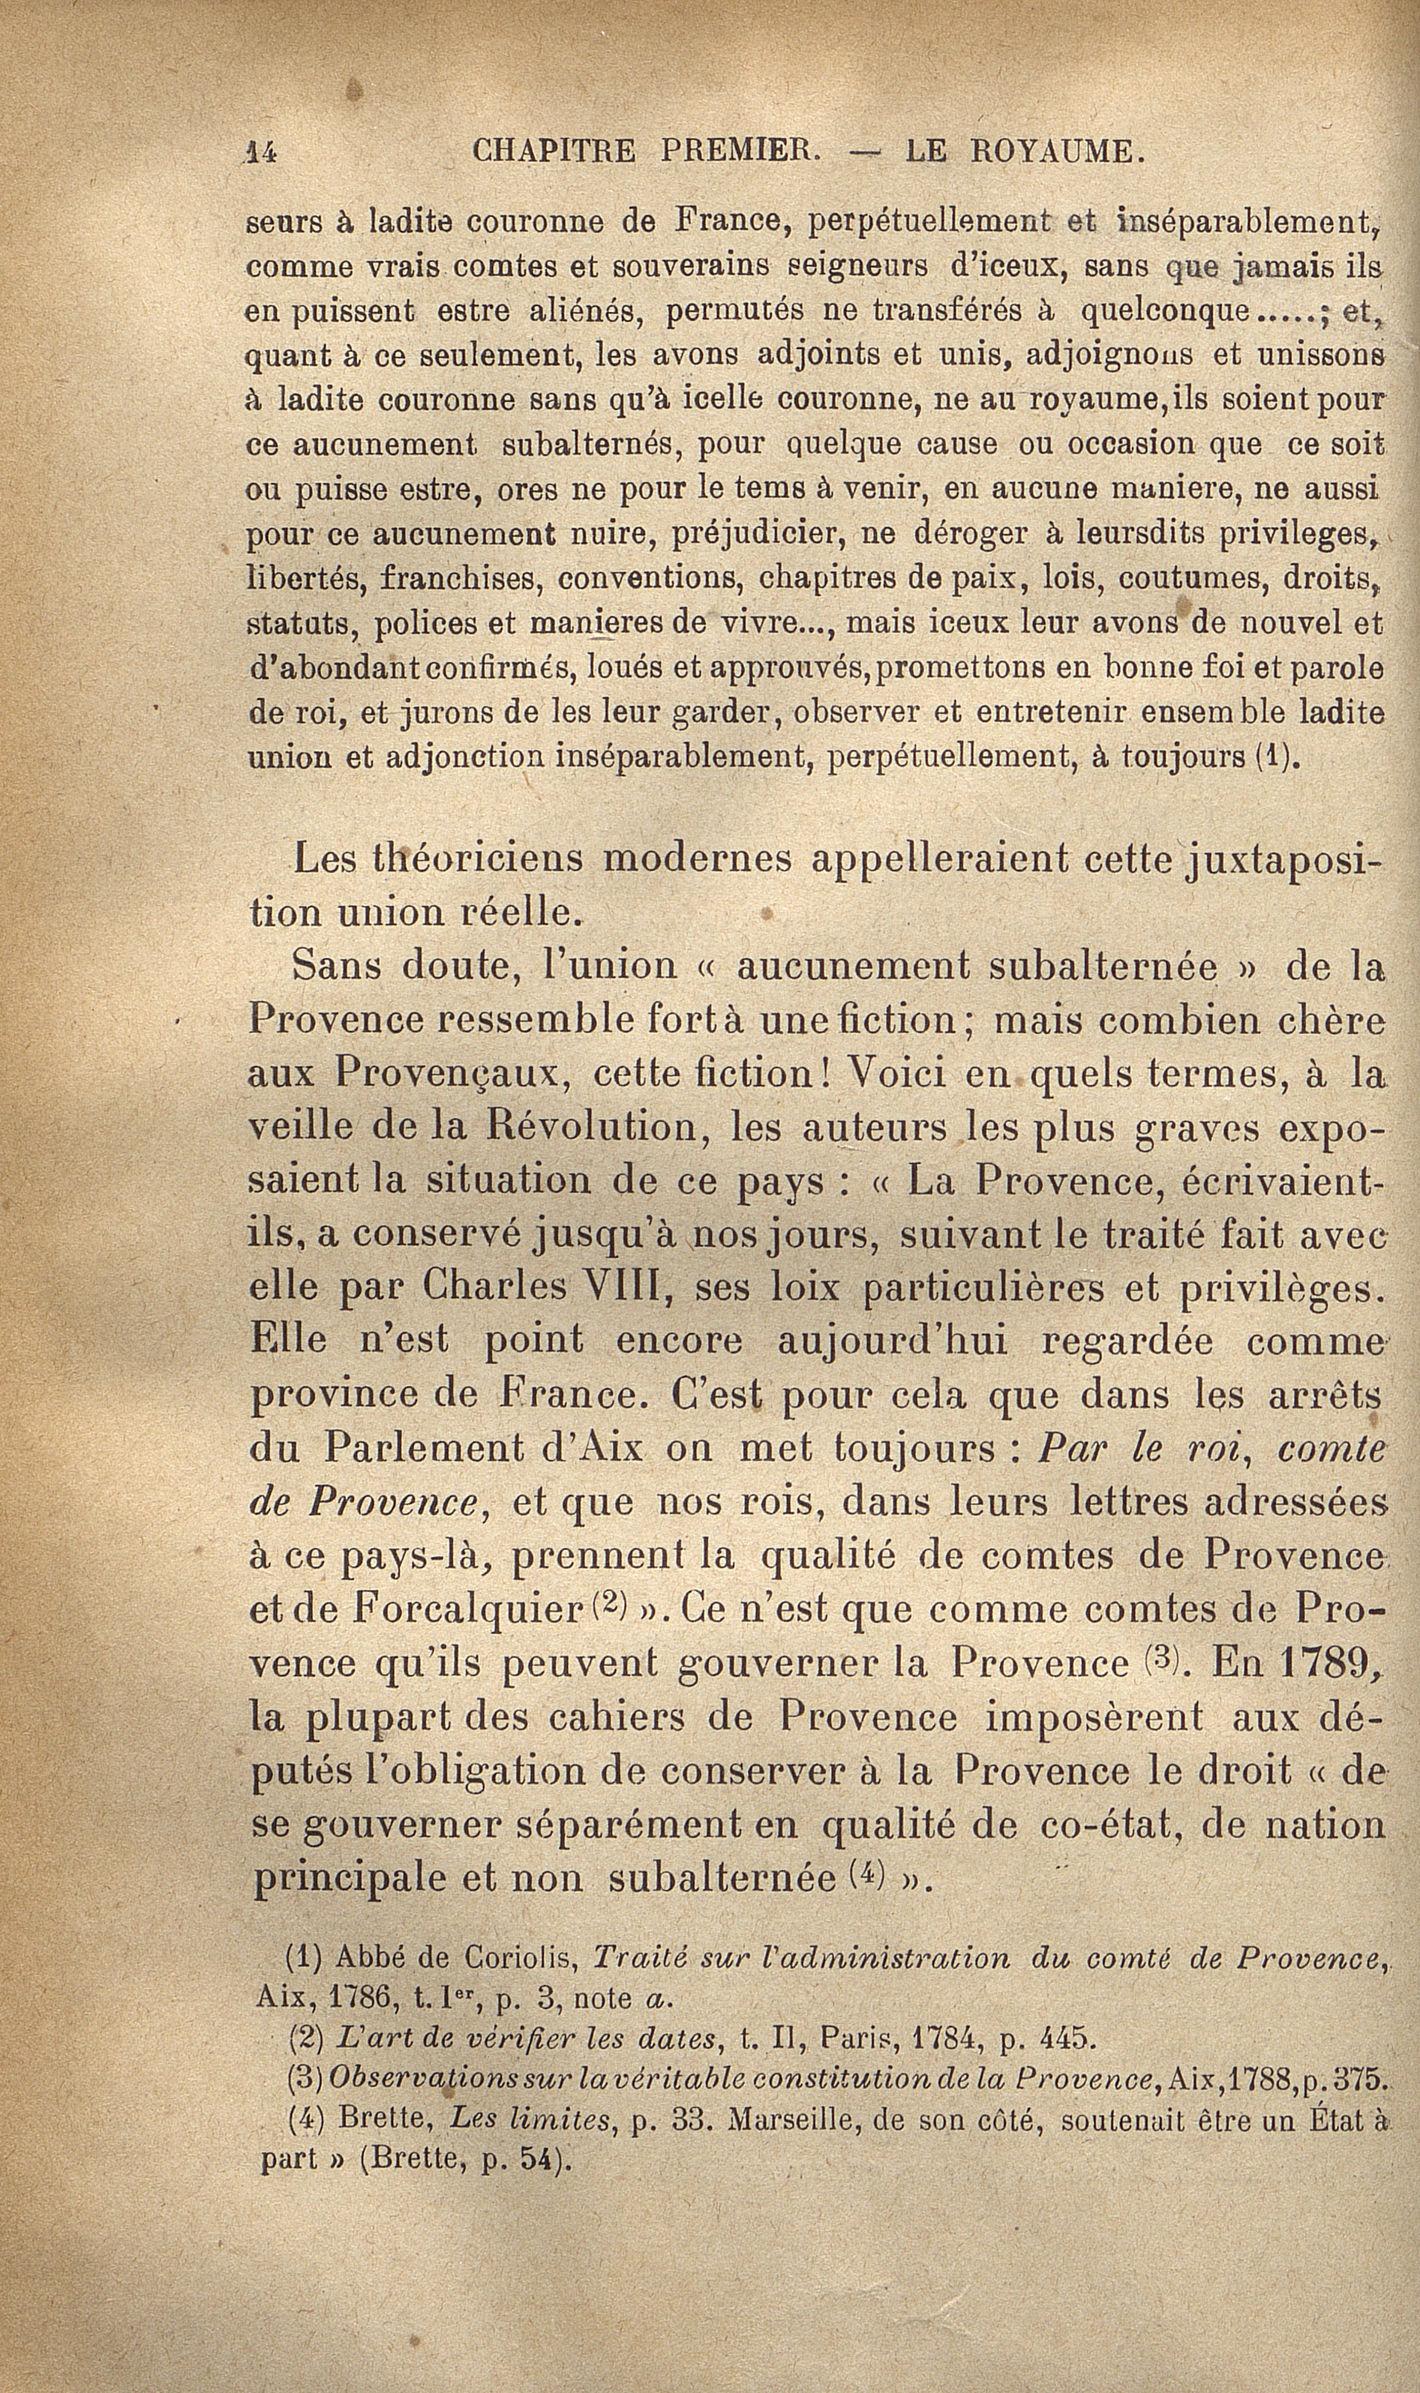 http://expo-paulviollet.univ-paris1.fr/wp-content/uploads/2016/02/0605381272_0028.jpg